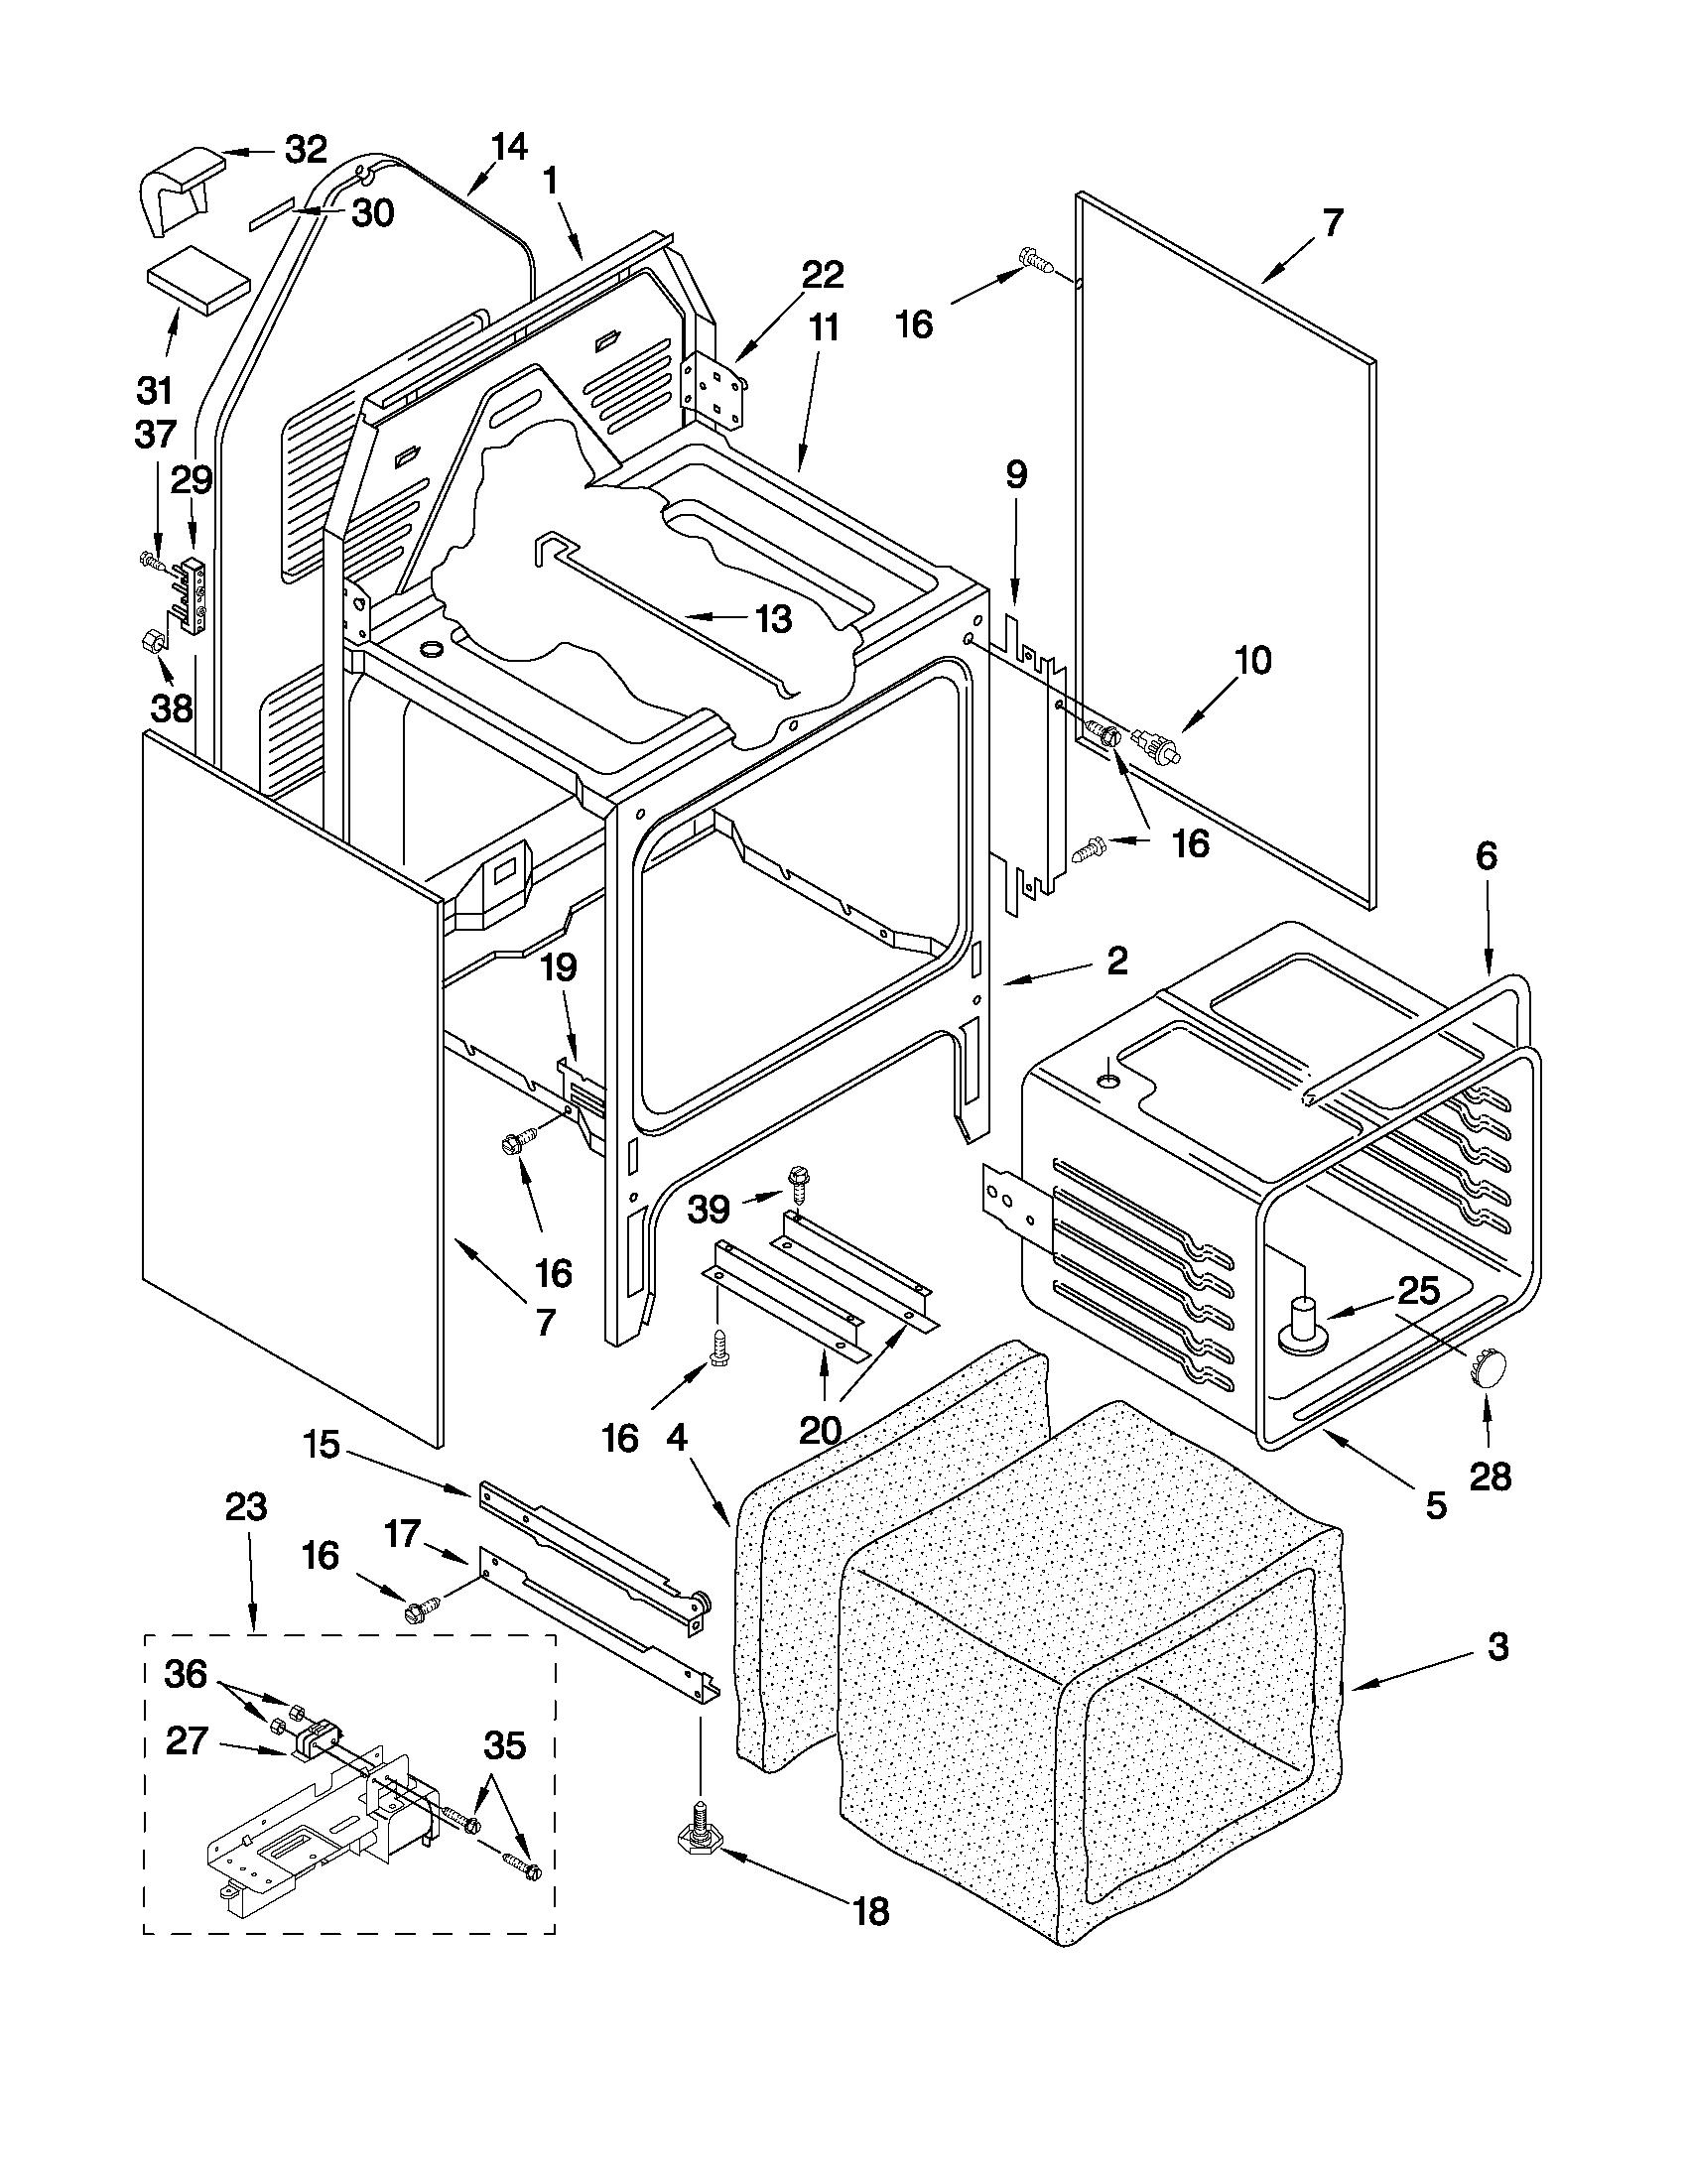 dishwasher wiring code ontario